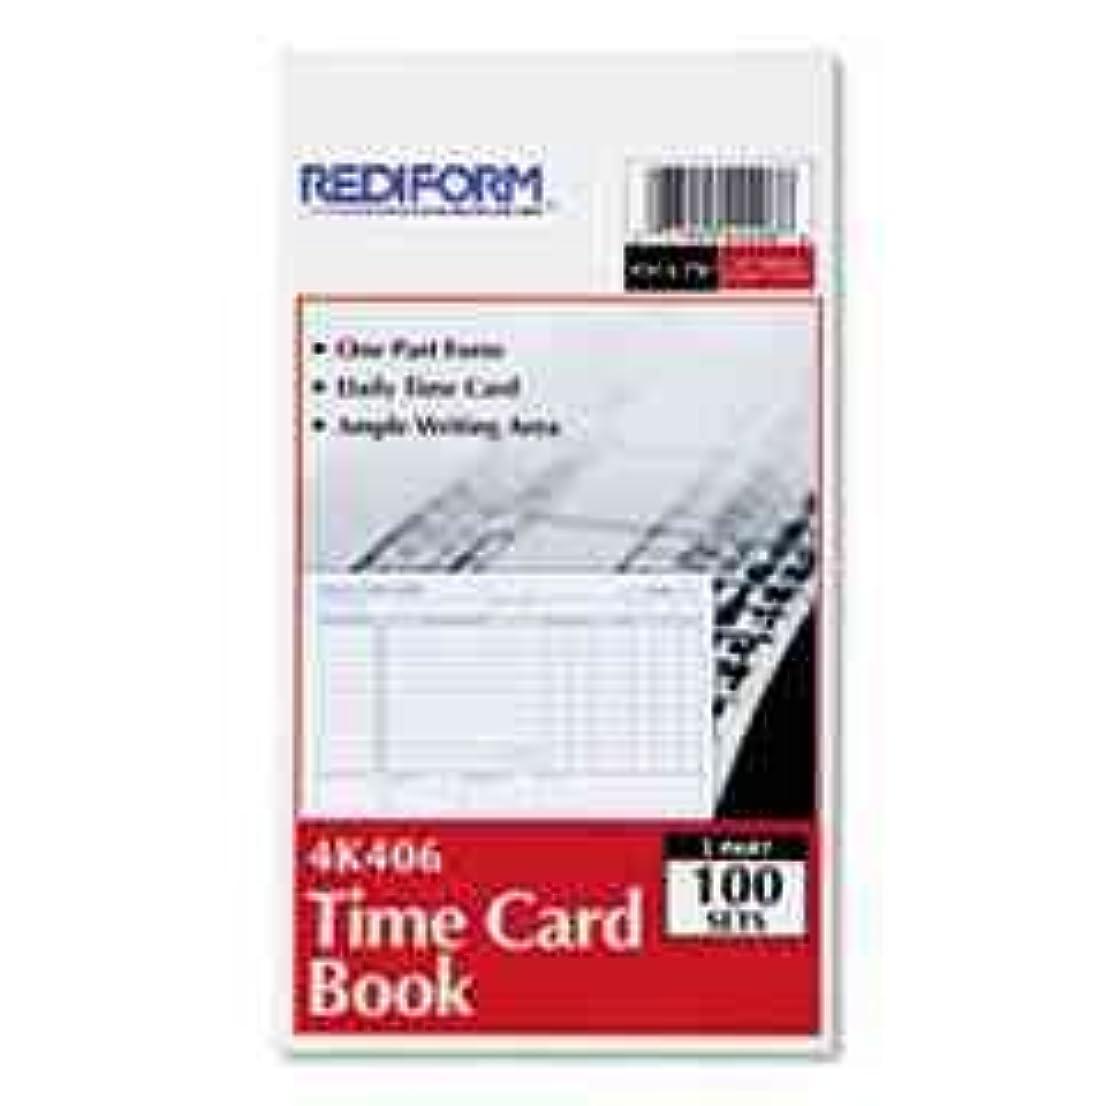 暴徒ライオネルグリーンストリートマニフェストRediform ? Daily従業員時間カードカード、DLY時間、4.25?X 7,100?32688?( 20個パック)